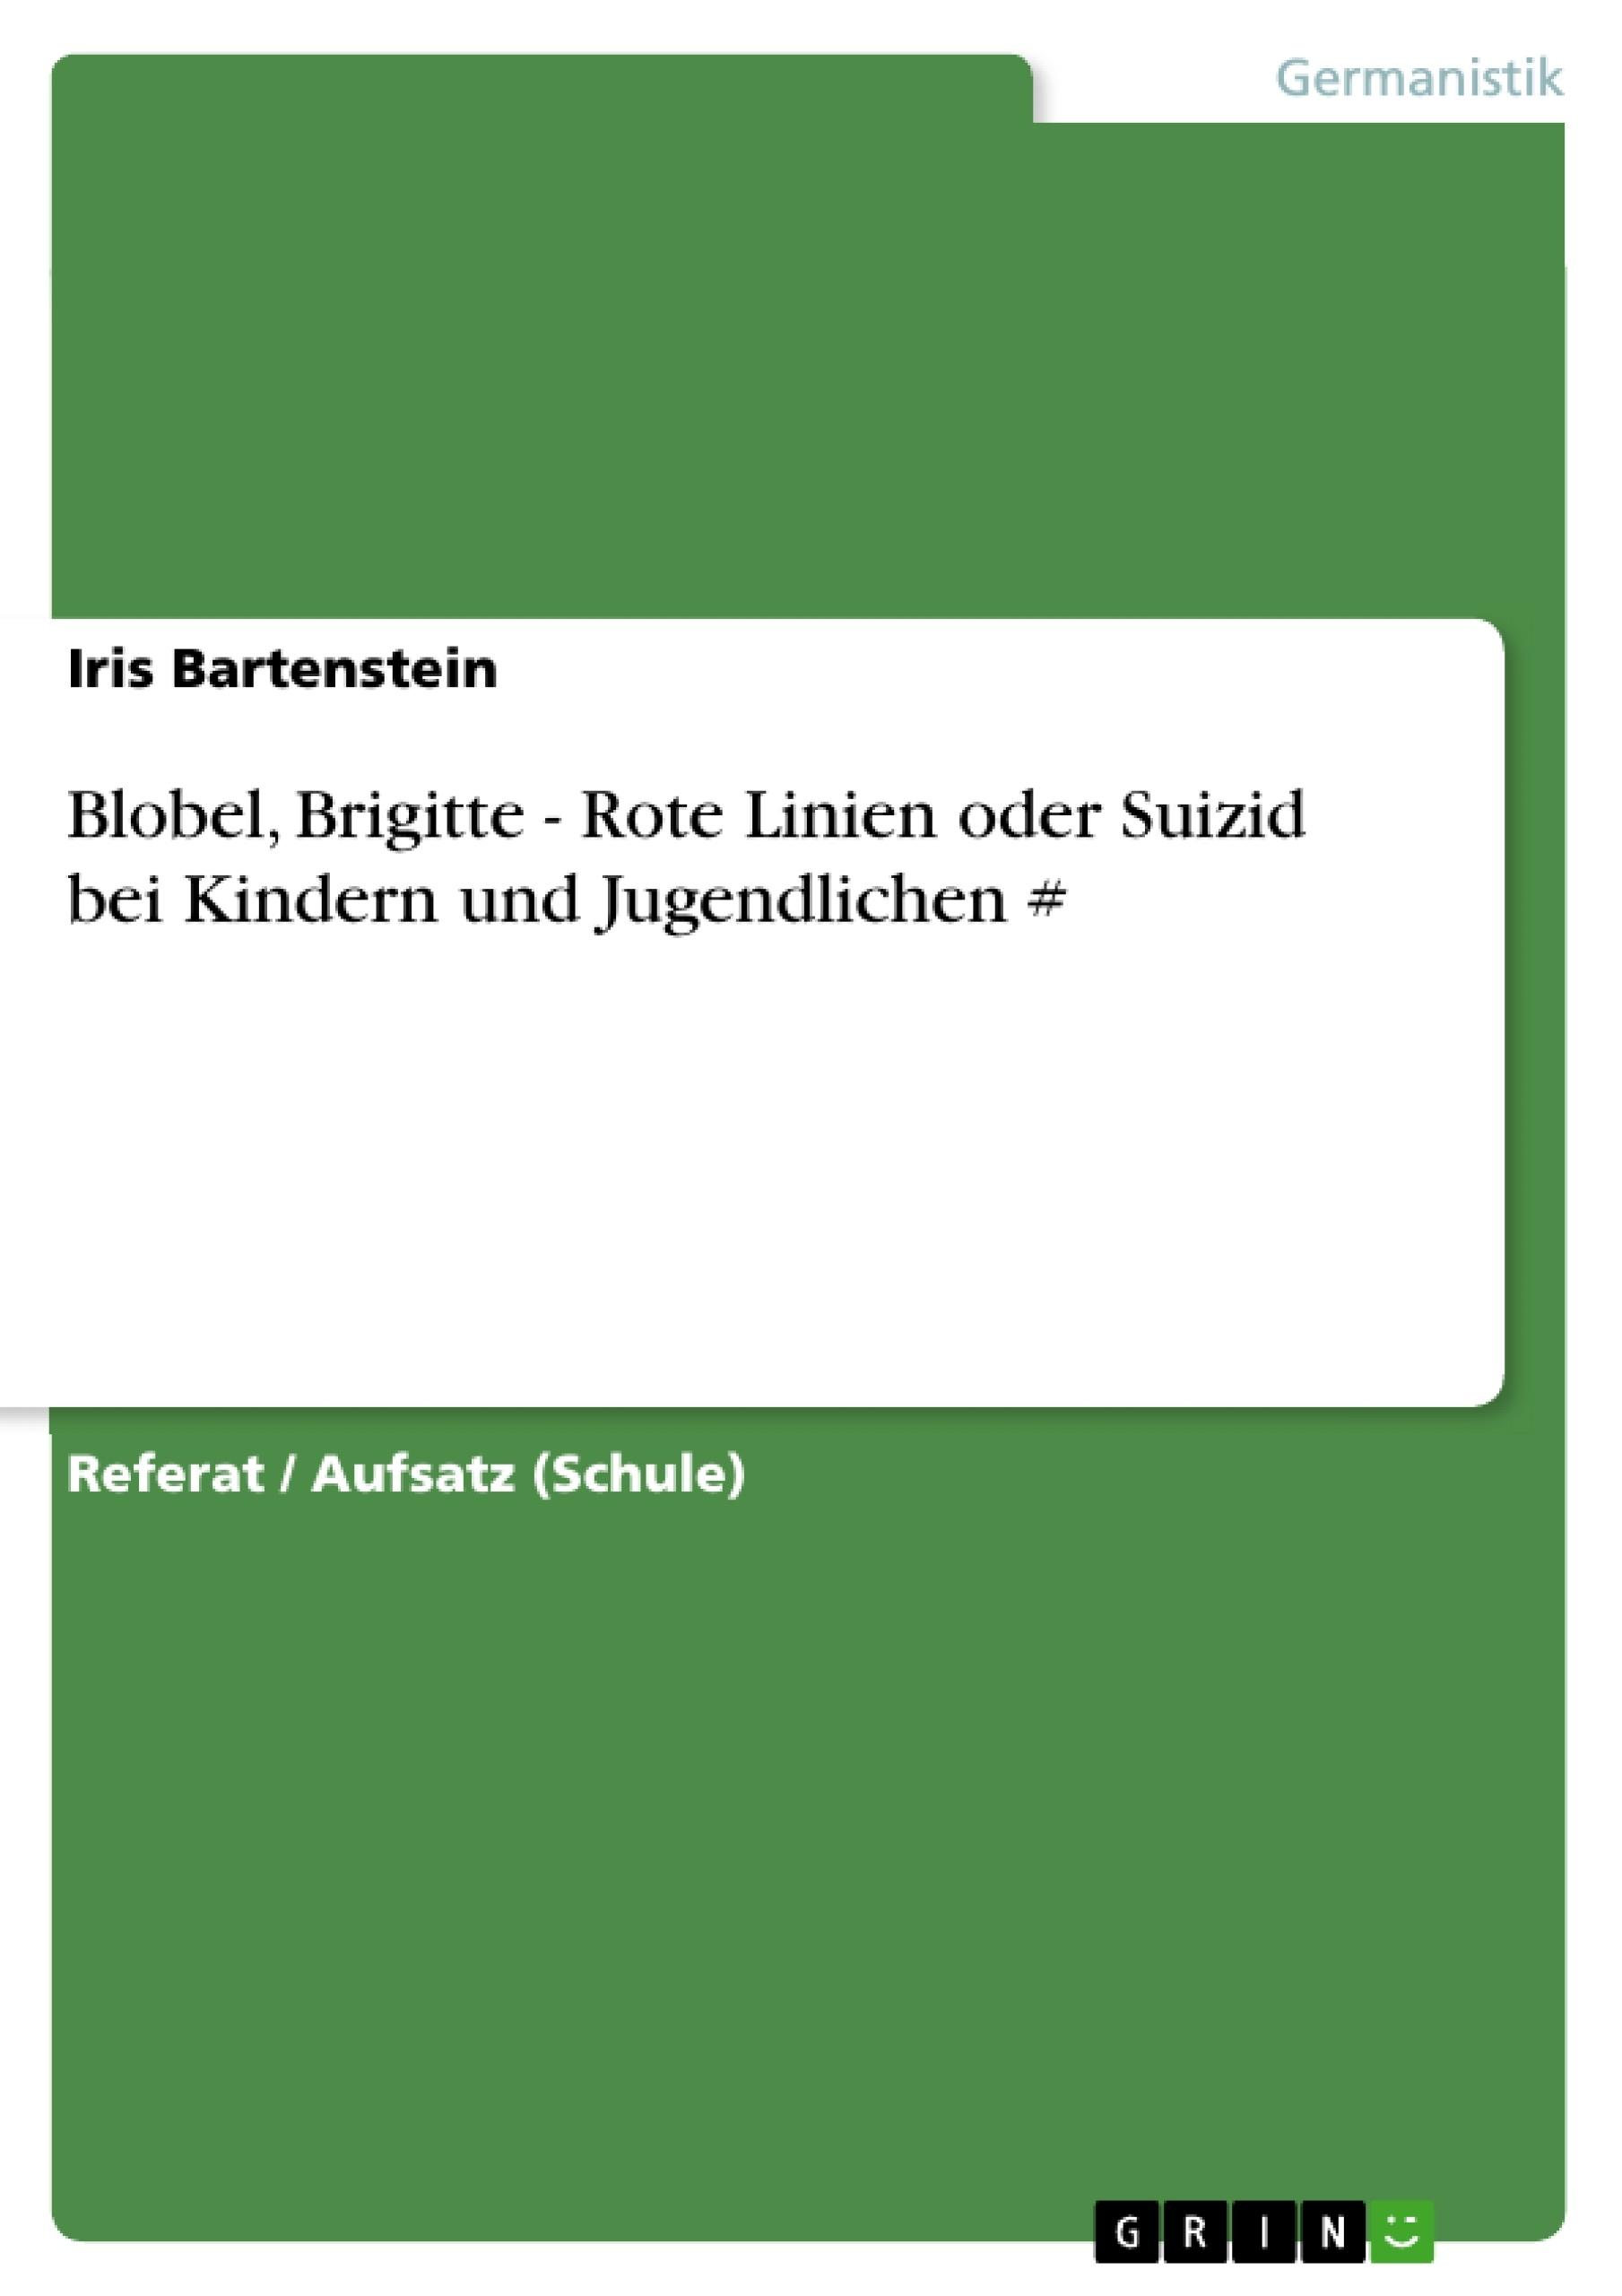 Titel: Blobel, Brigitte - Rote Linien oder Suizid bei Kindern und Jugendlichen  #